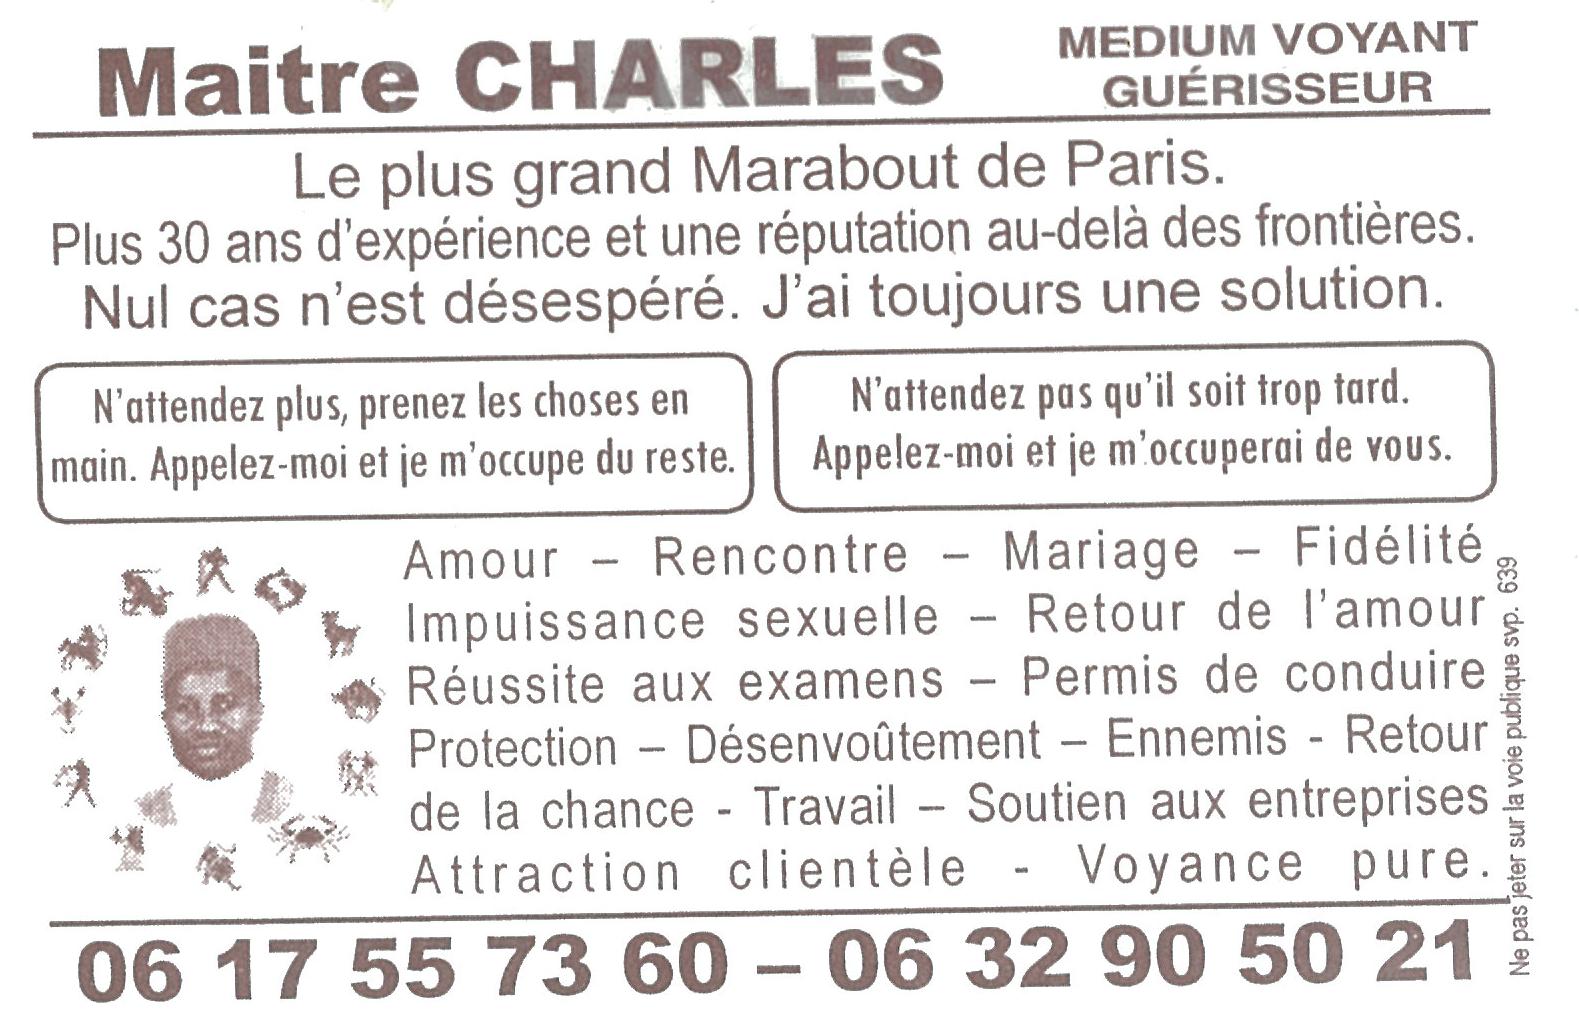 Maitre Charles OLD